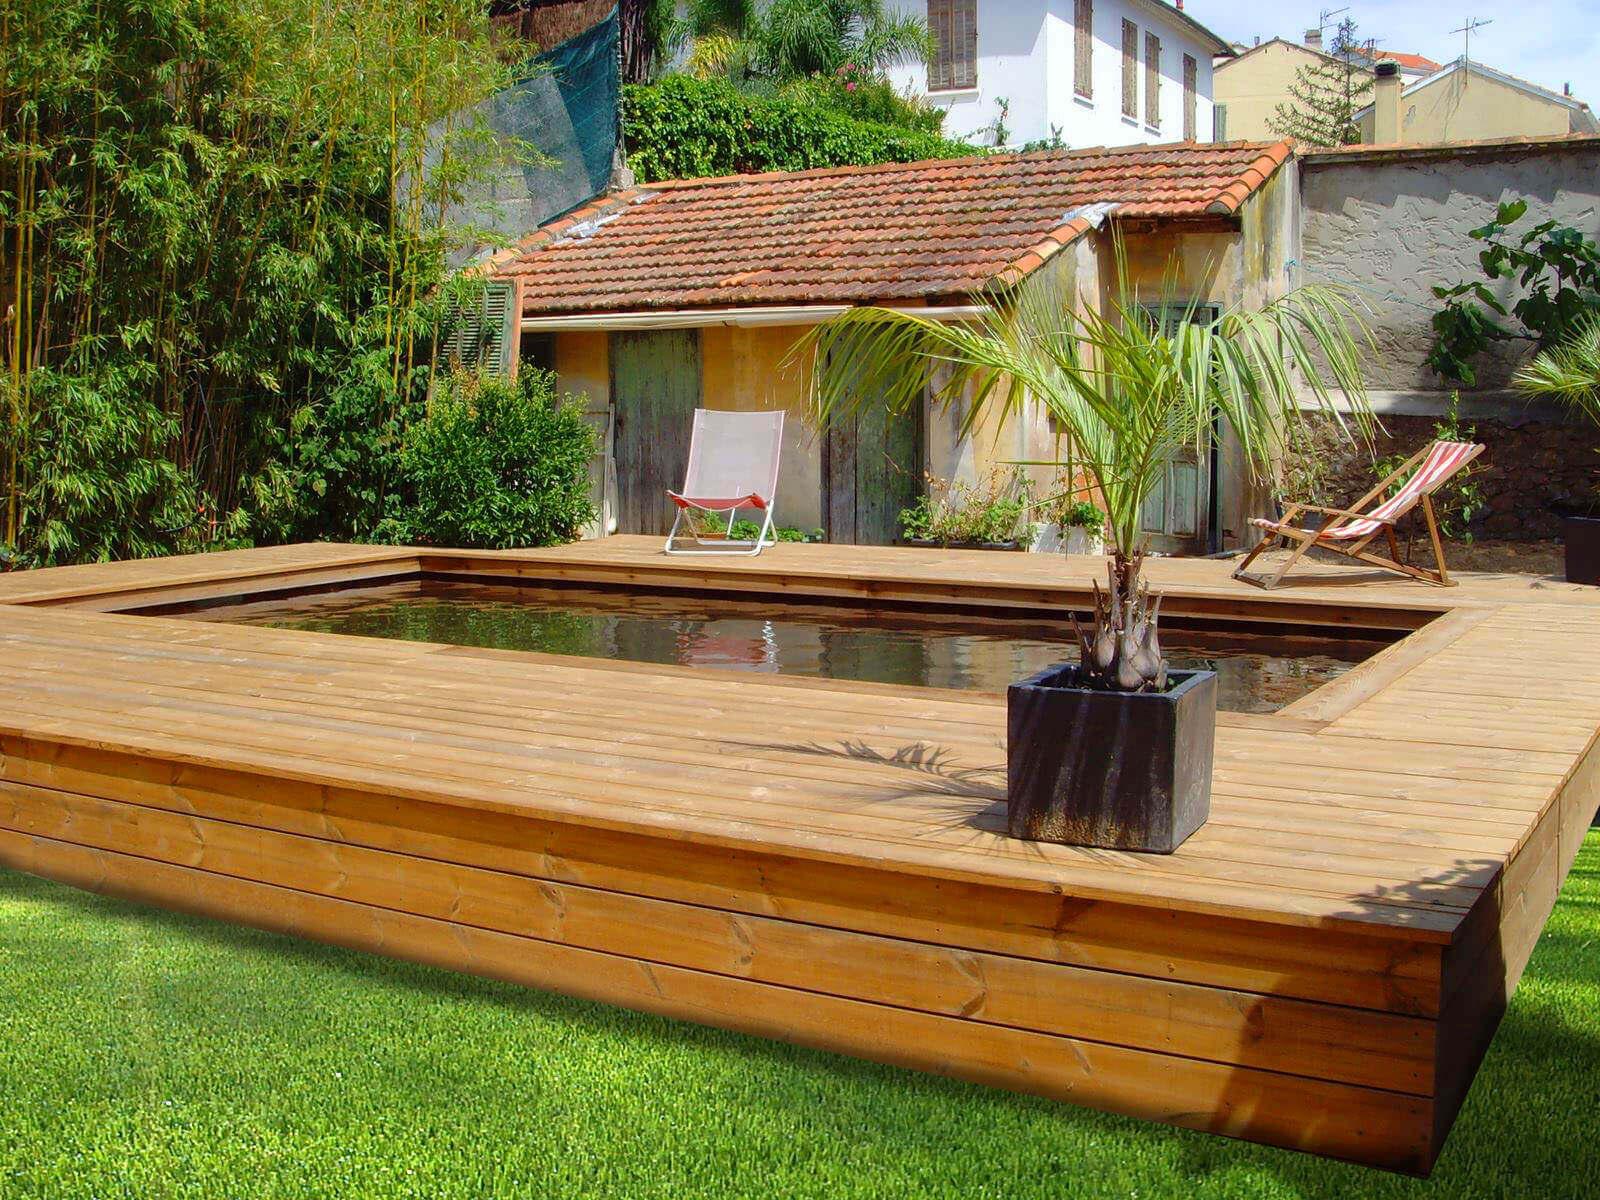 s de poses de piscines semi enterrées en bois par Odyssea